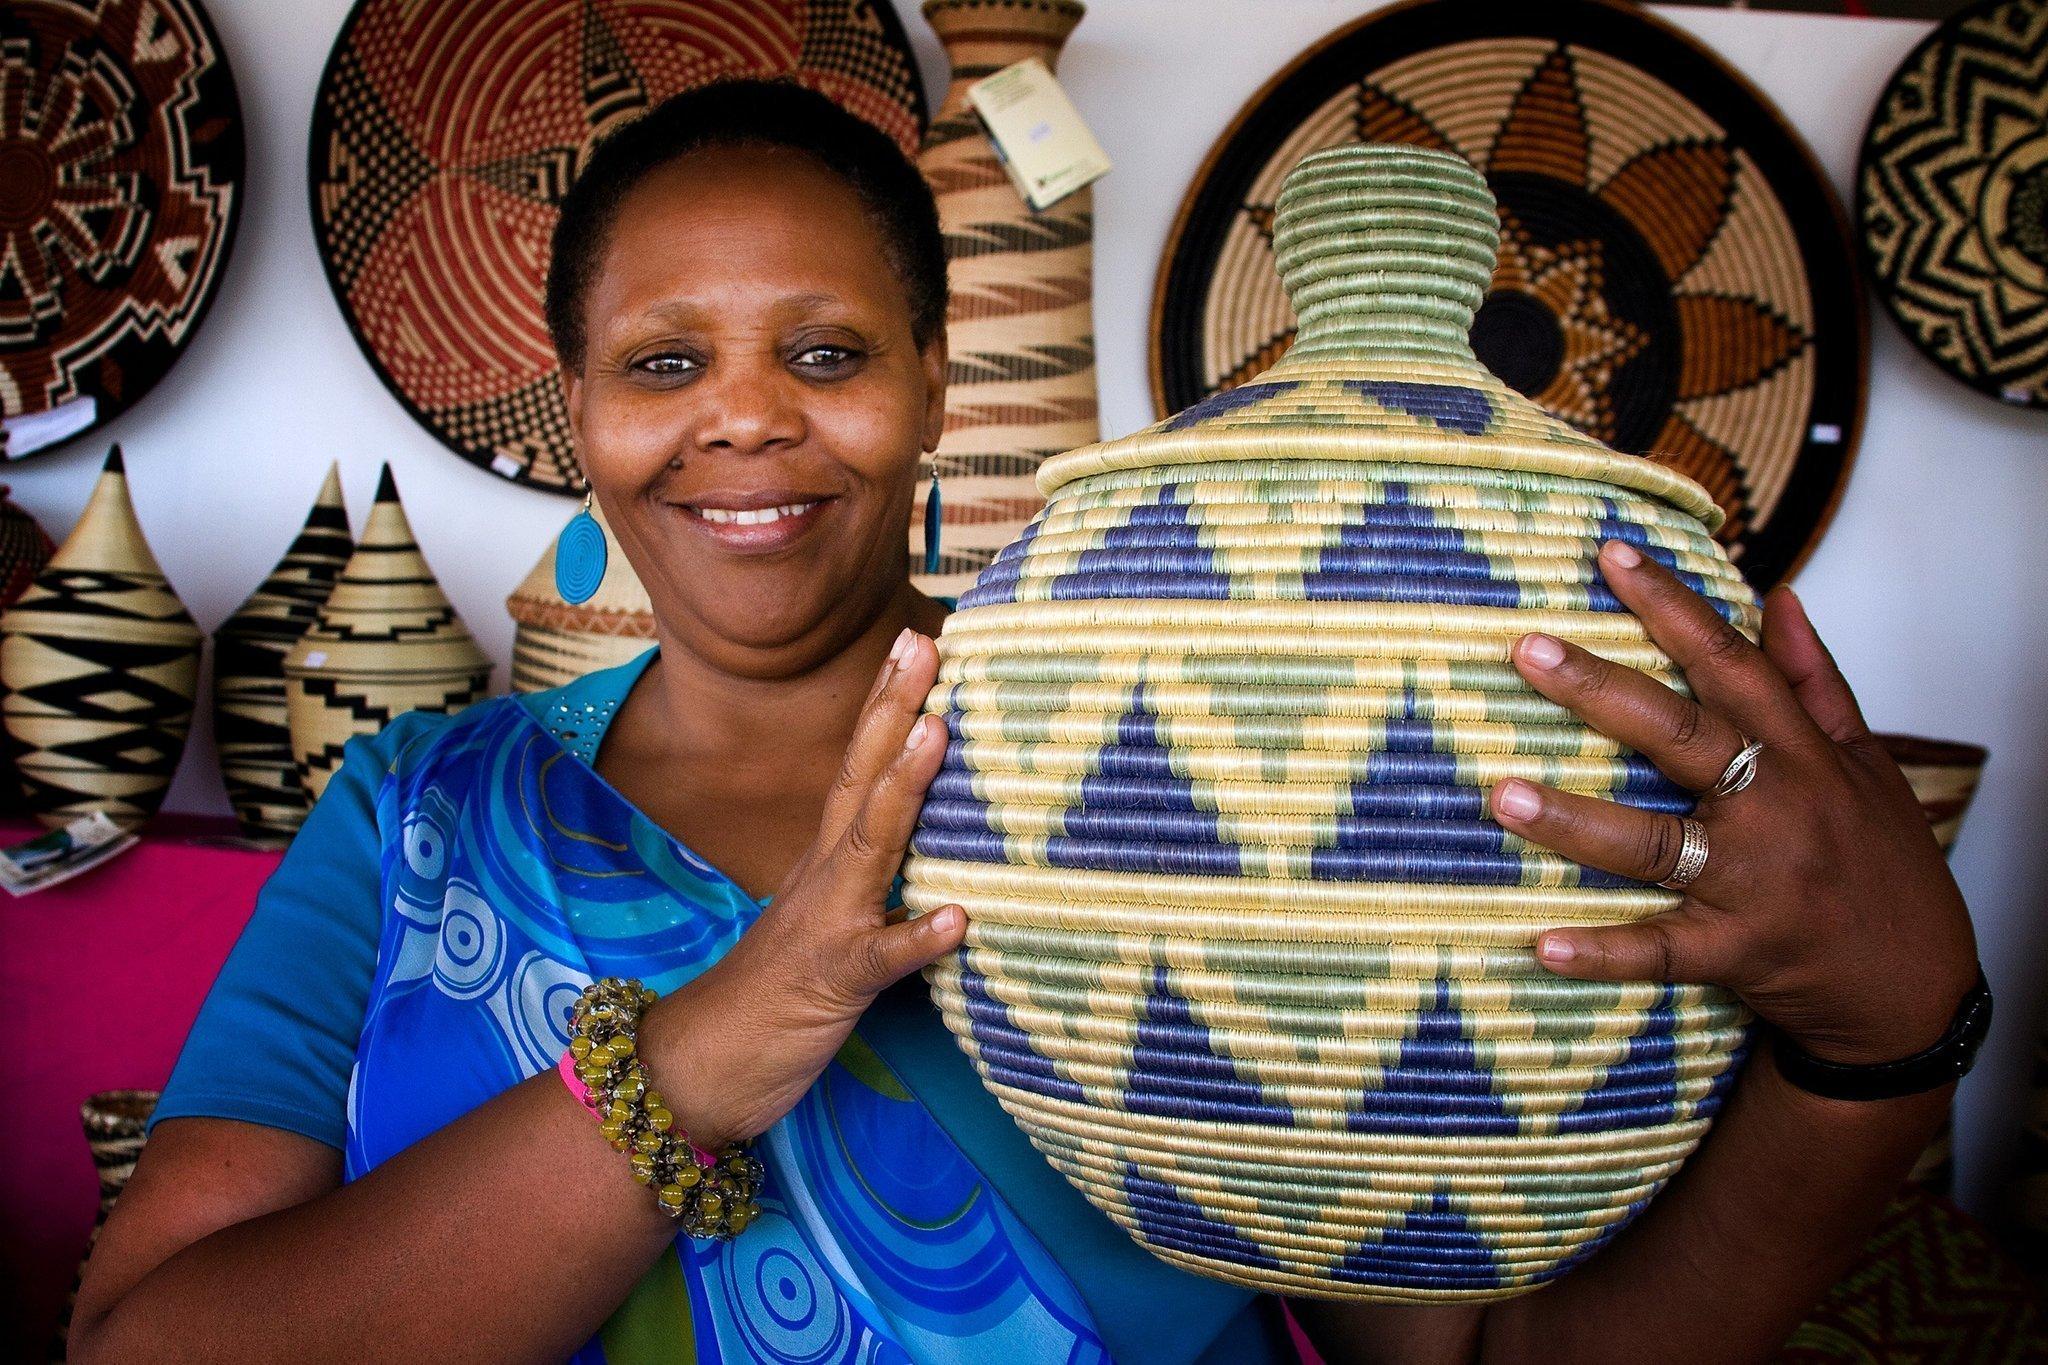 World's largest folk art market to open in Santa Fe - The ...